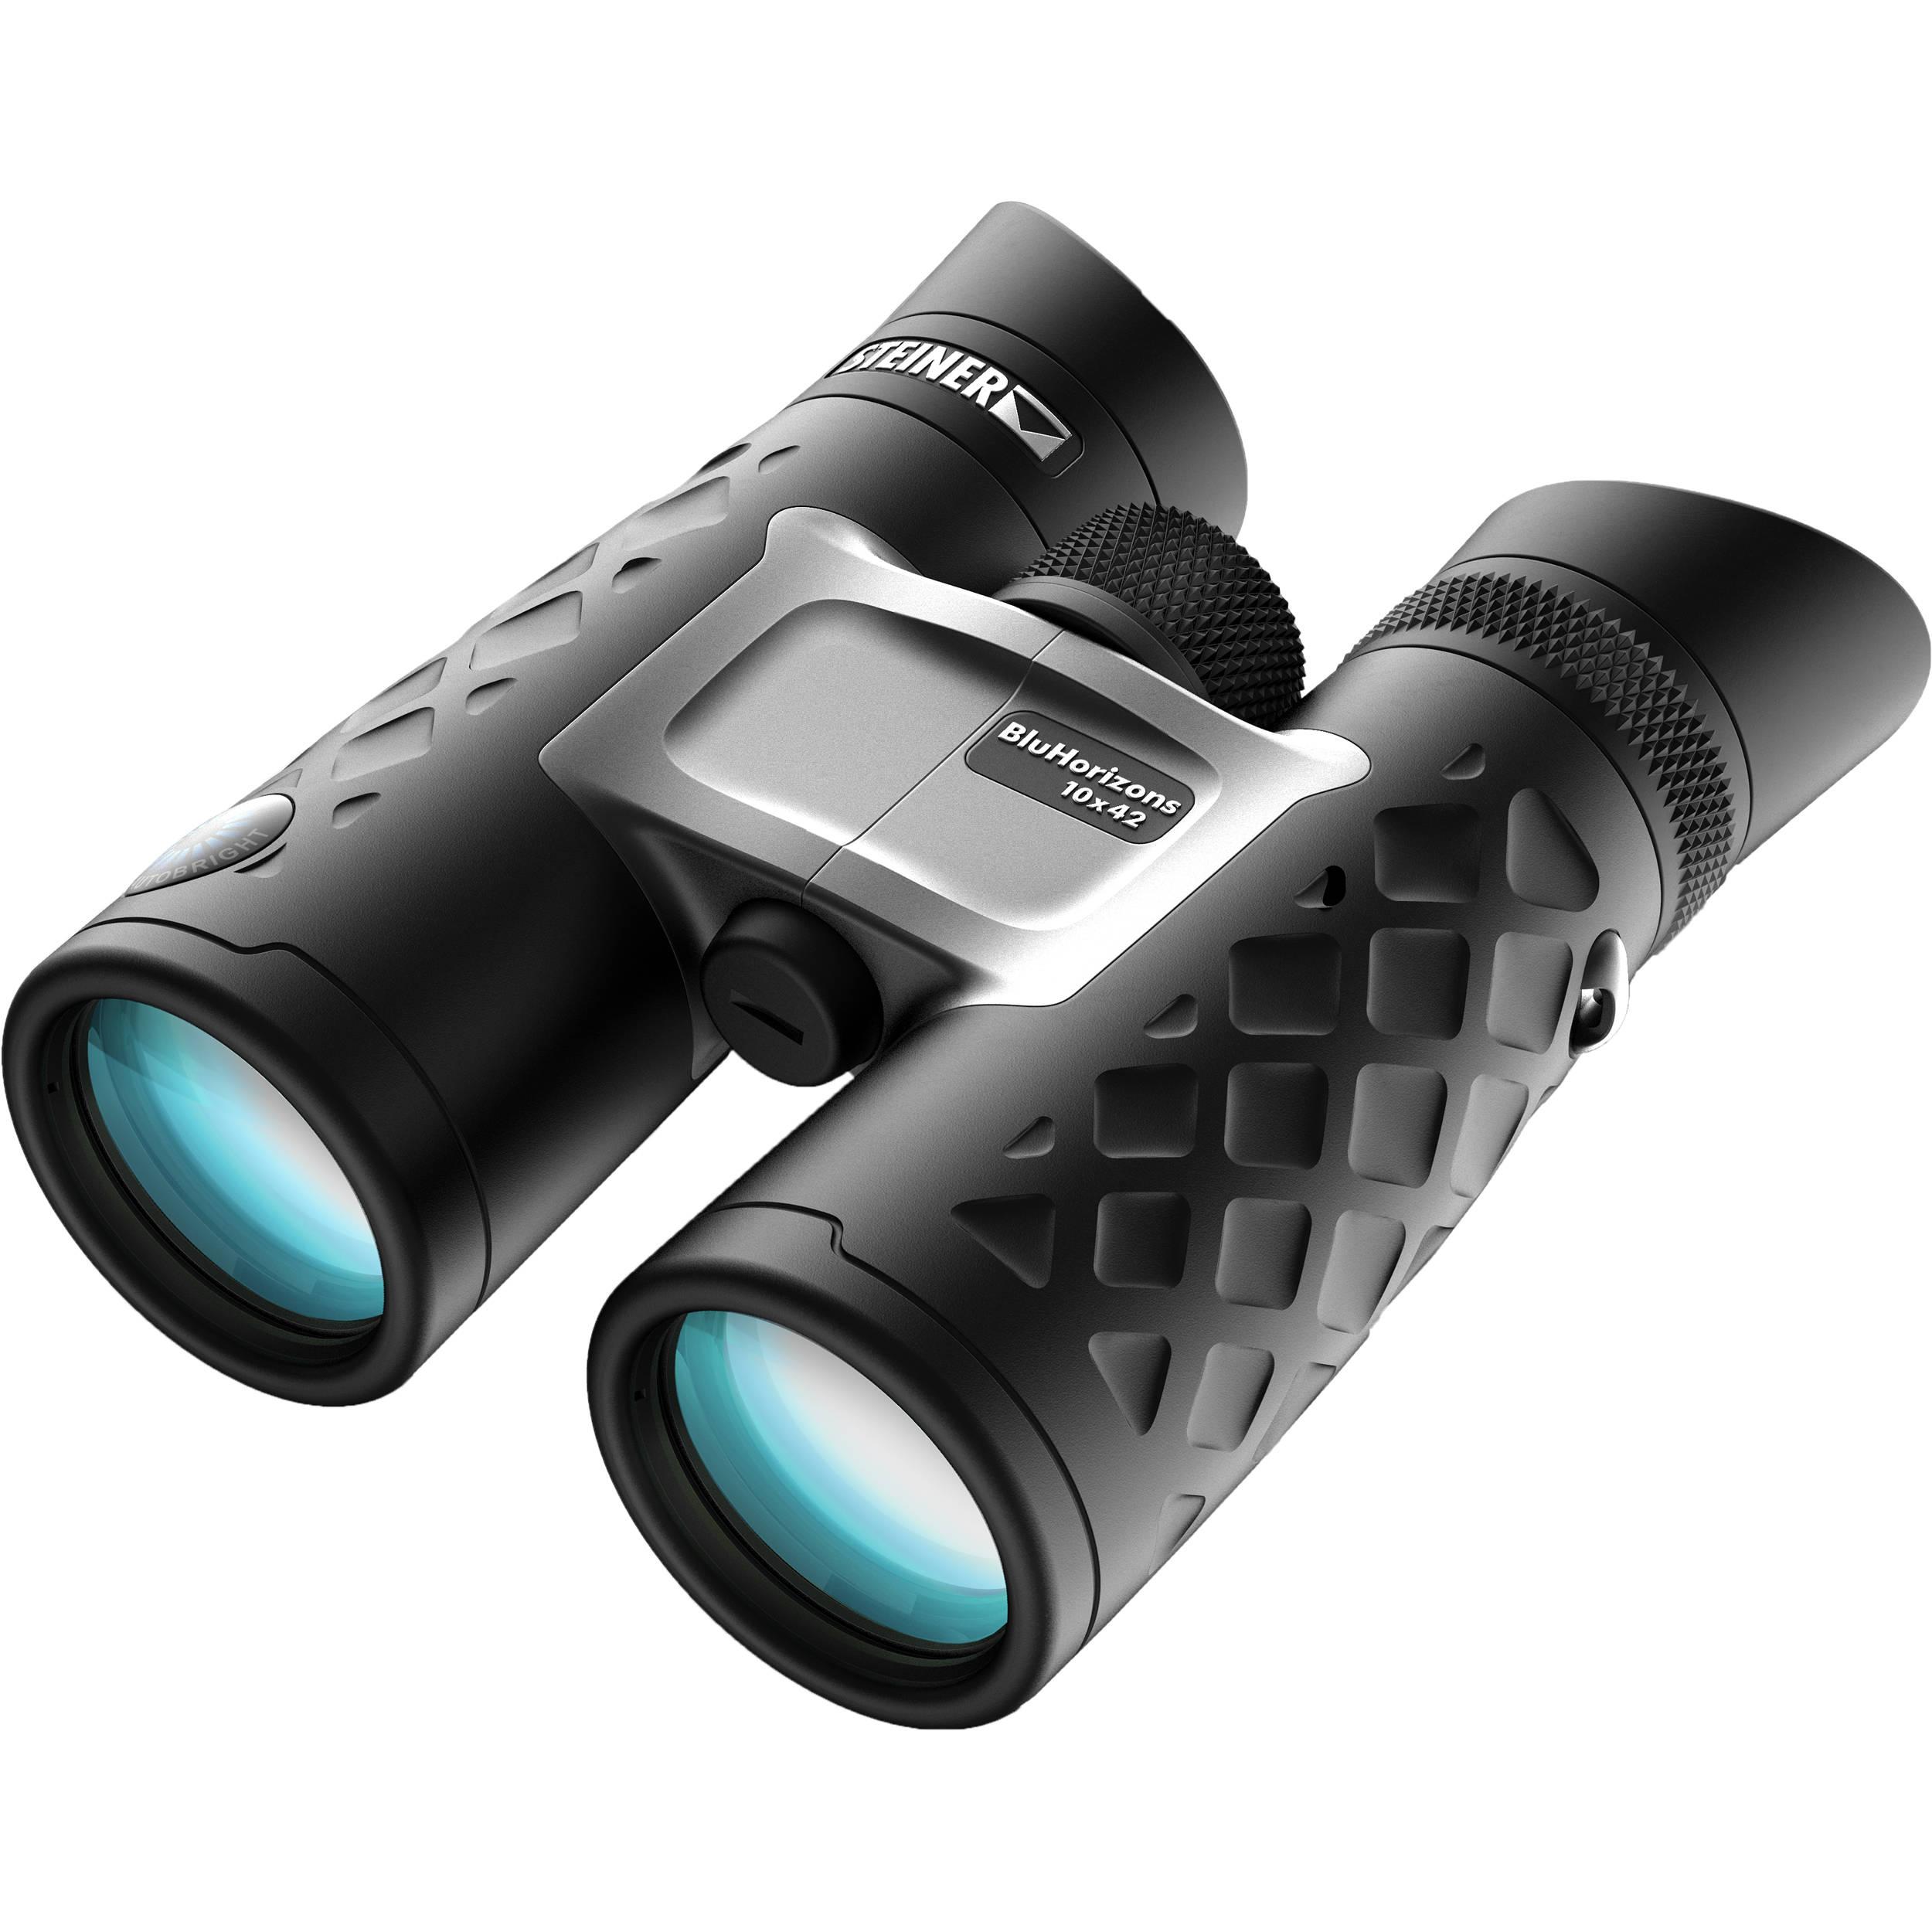 Steiner 8x32 BluHorizon Binoculars 2344 B&H Photo Video